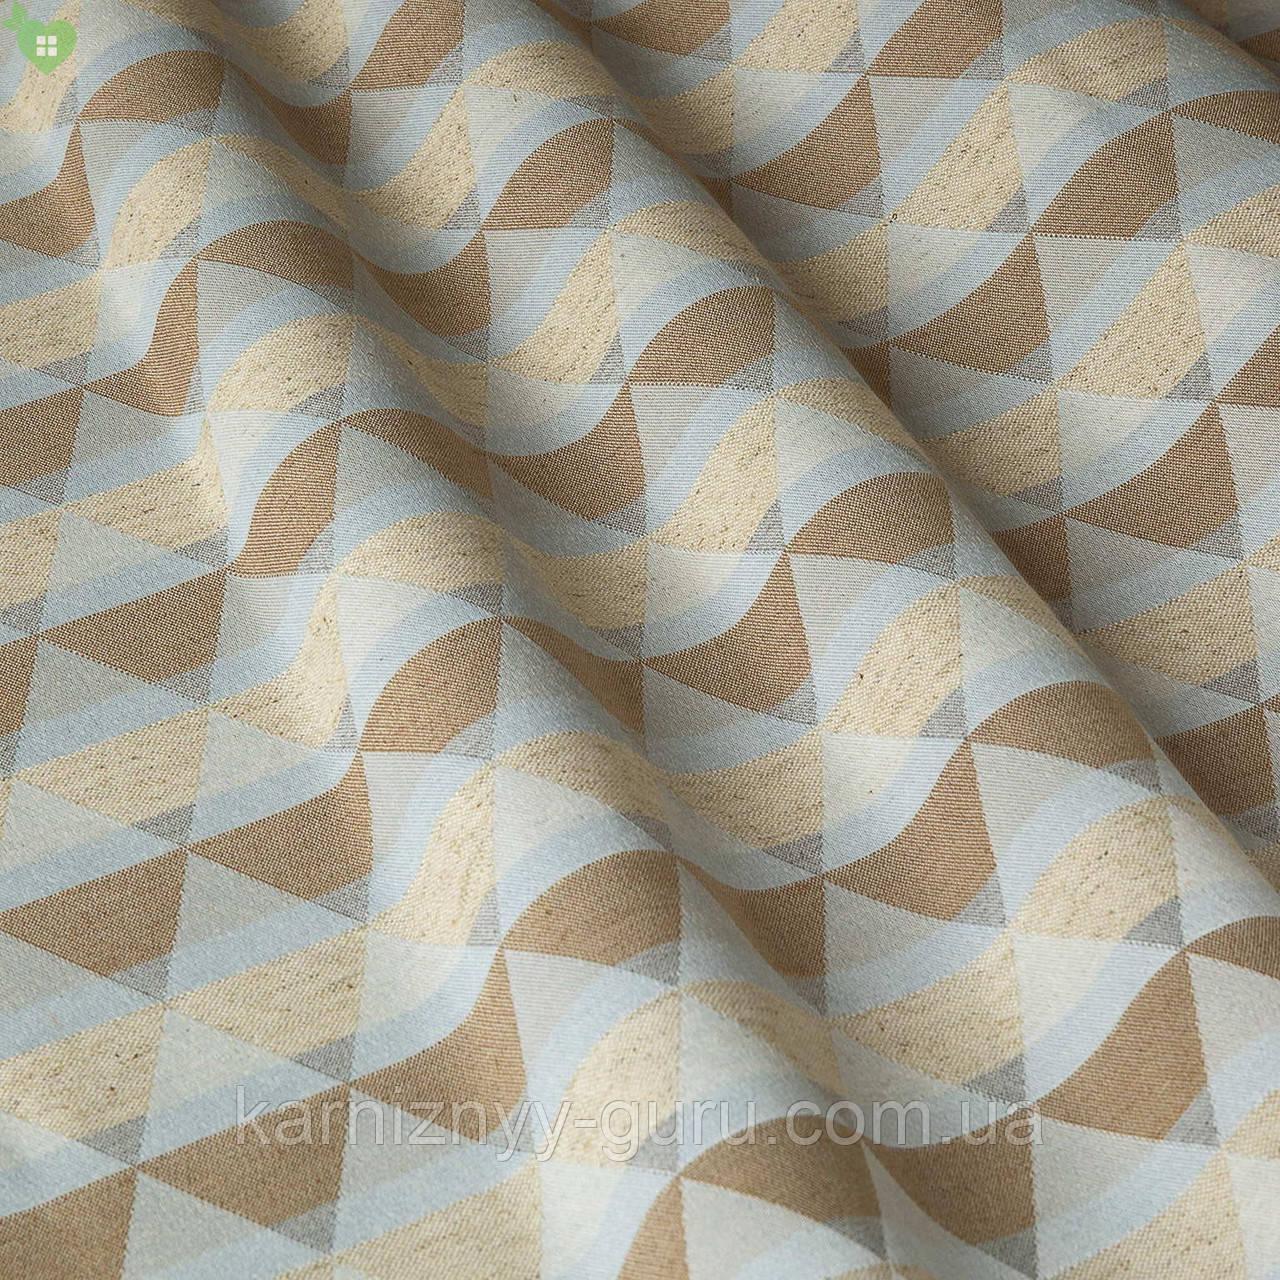 Декоративная ткань с рисунком искаженной шахматной доски бежевого цвета Испания 83292v1